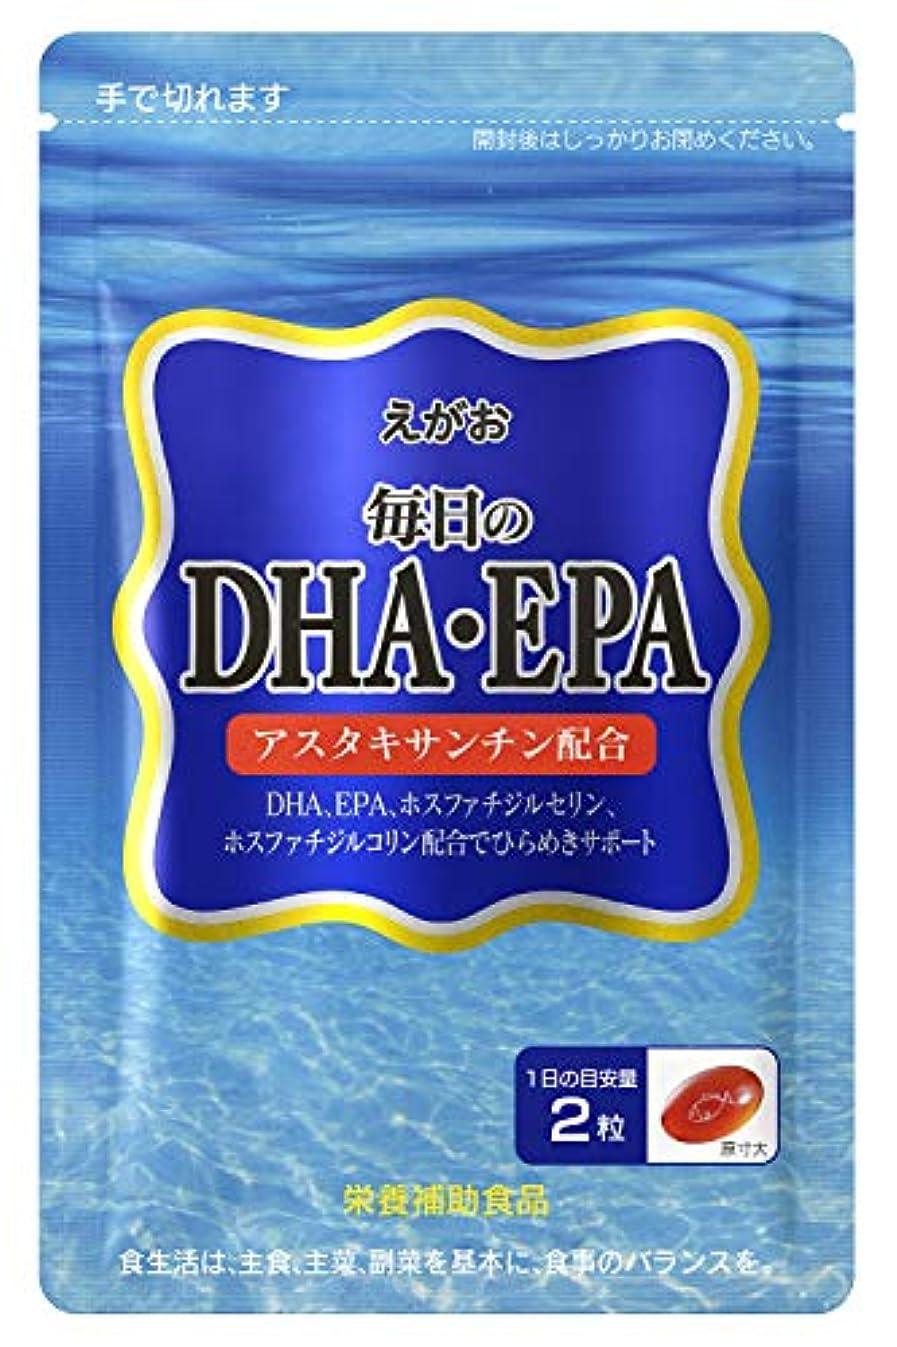 故国輸送曲がったえがお 毎日の DHA ? EPA 【1袋】(1袋/62粒入り 約1ヵ月分) 栄養補助食品